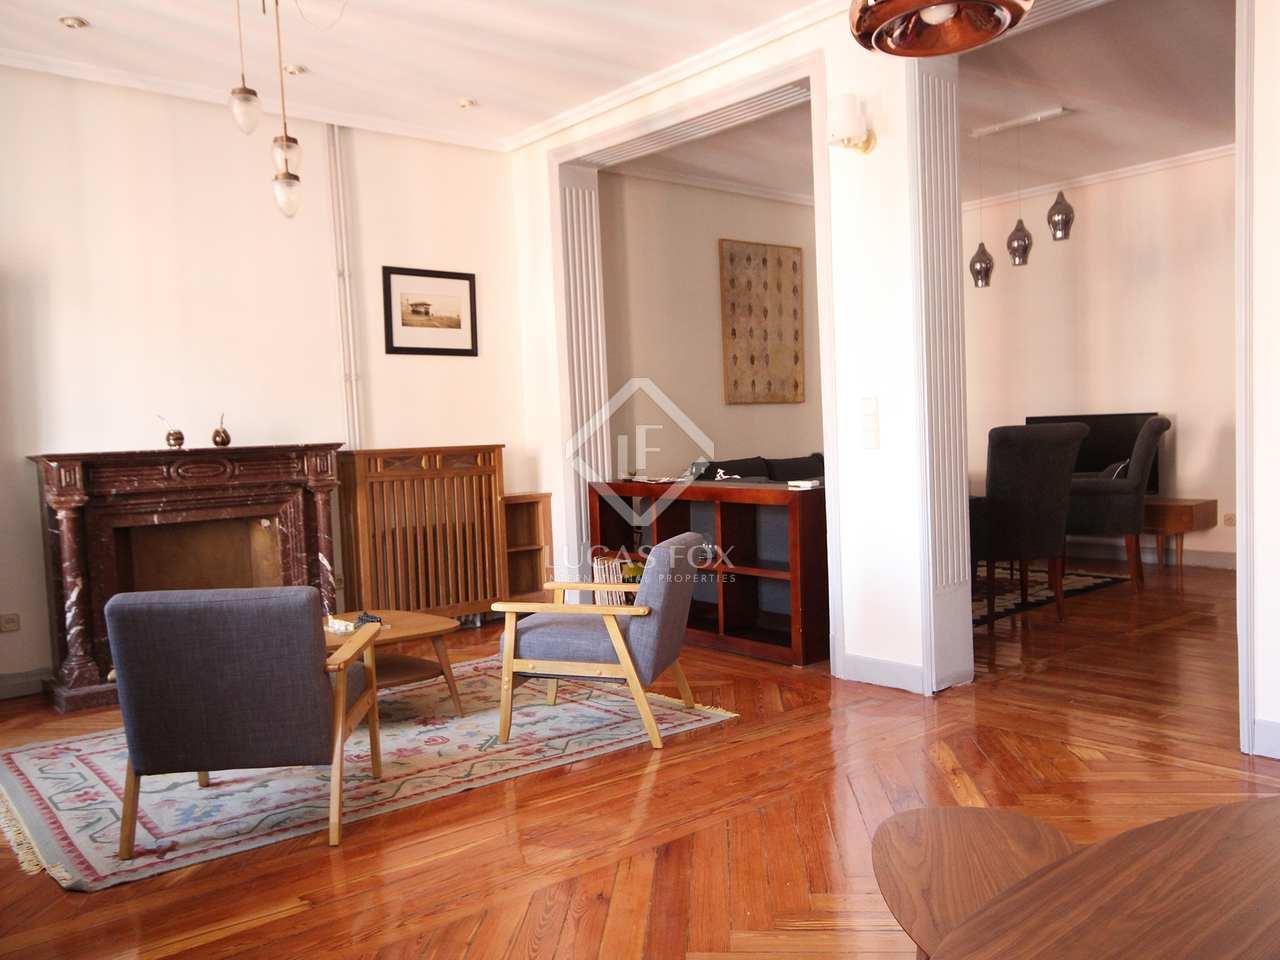 Apartamento de 170m en alquiler en justicia madrid - Apartamentos en benasque alquiler ...